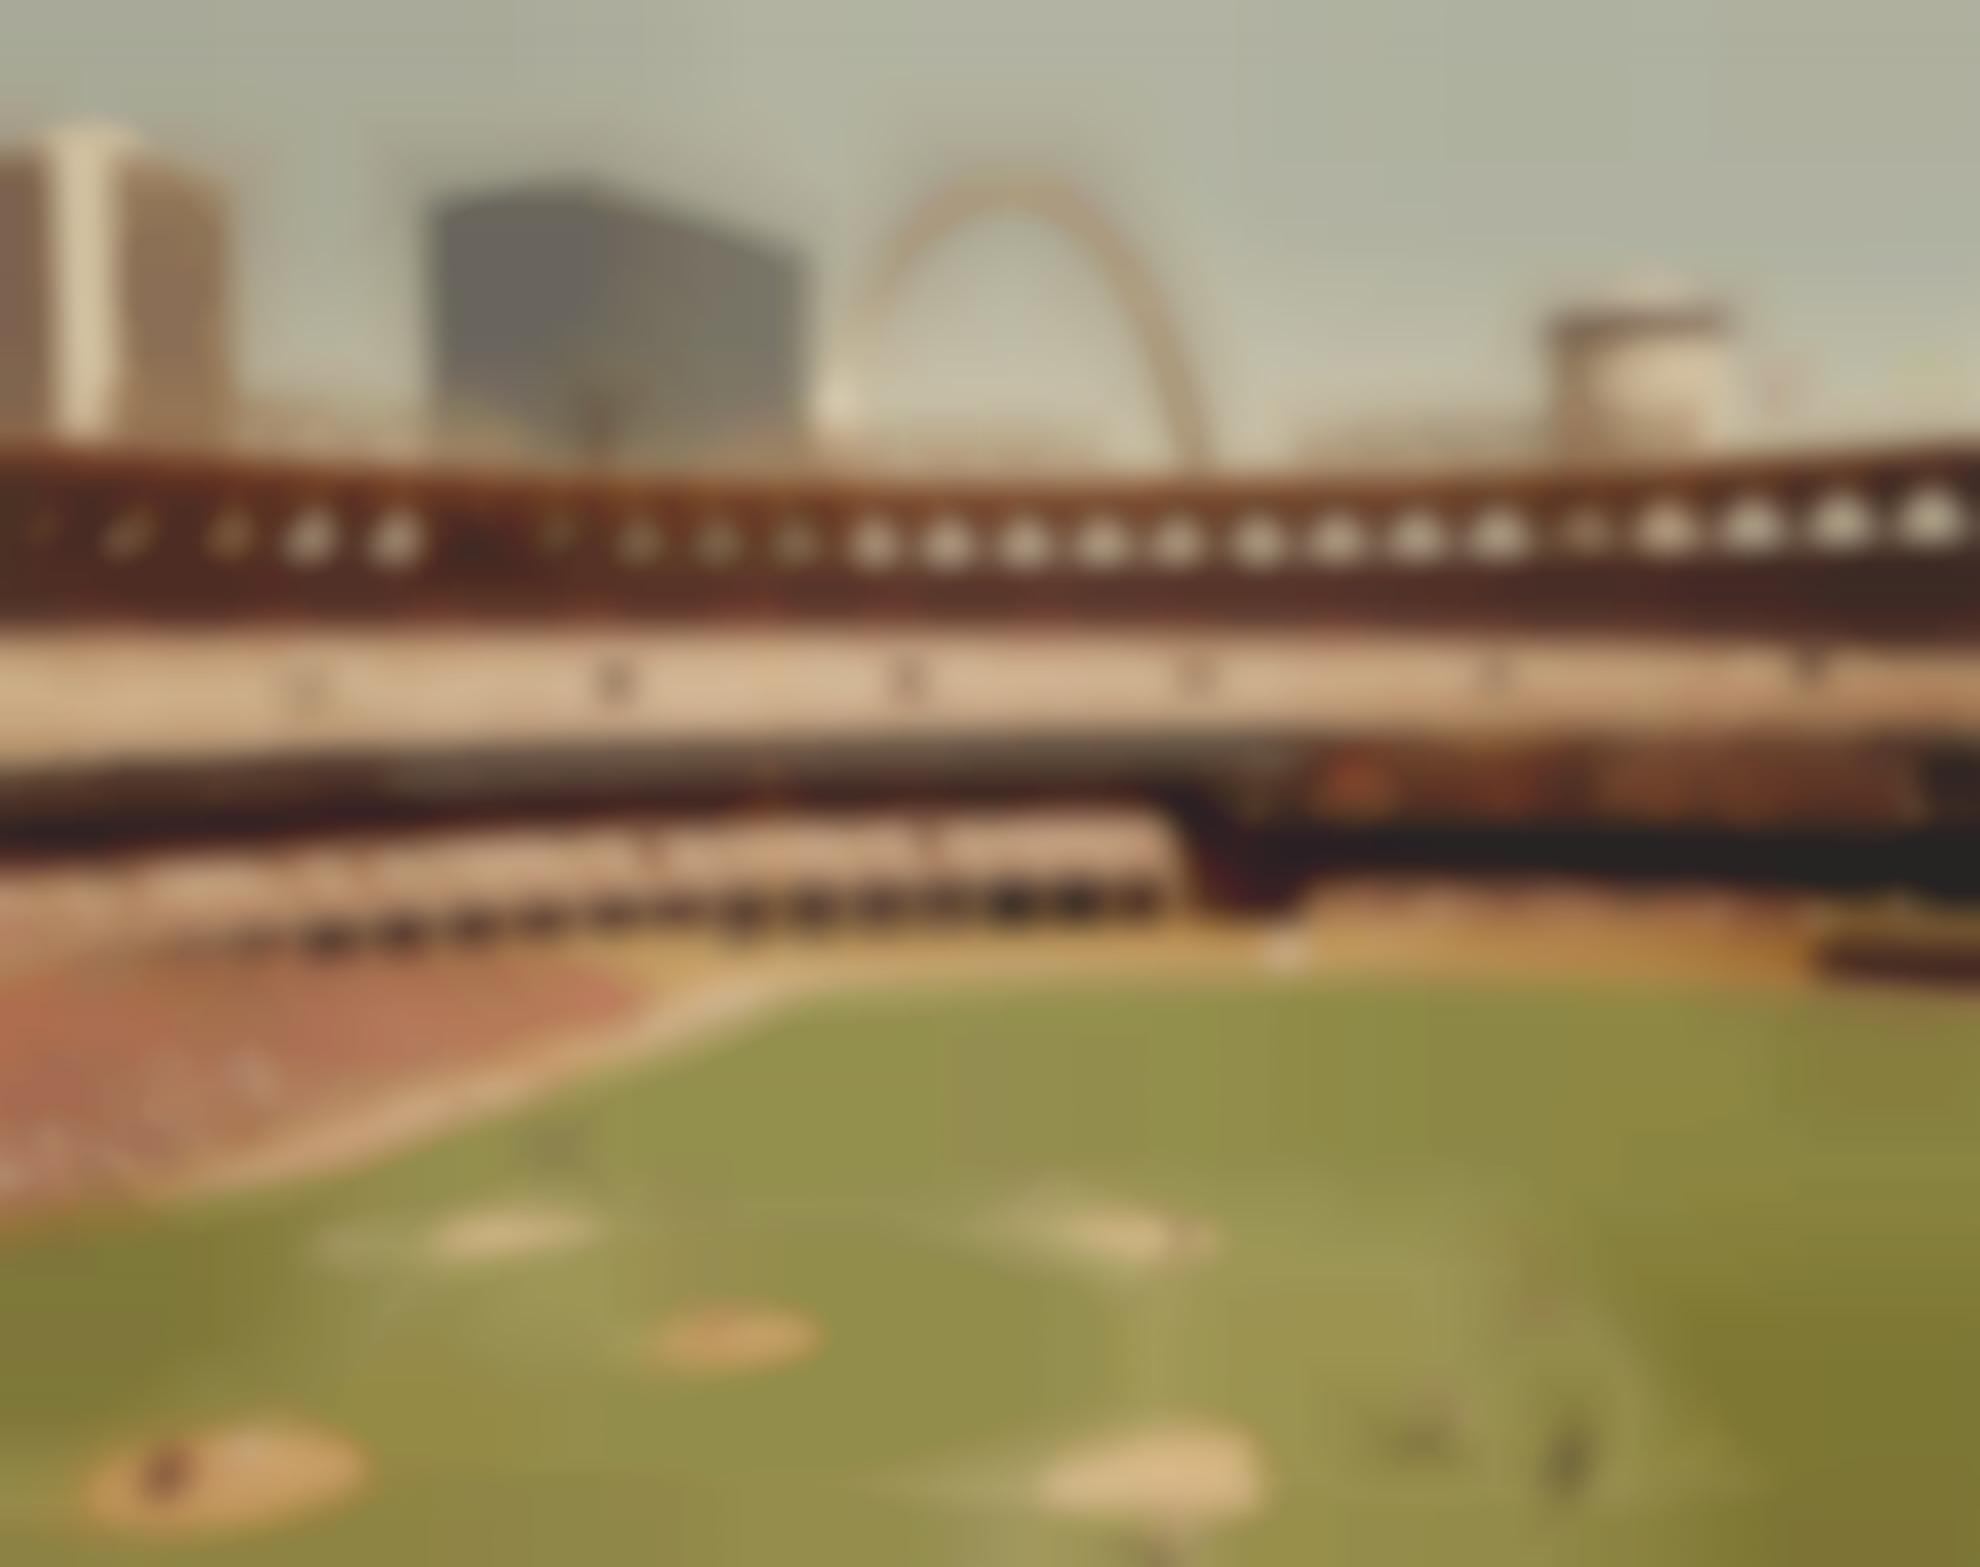 Joel Meyerowitz-St. Louis And The Arch, Busch Stadium-1978